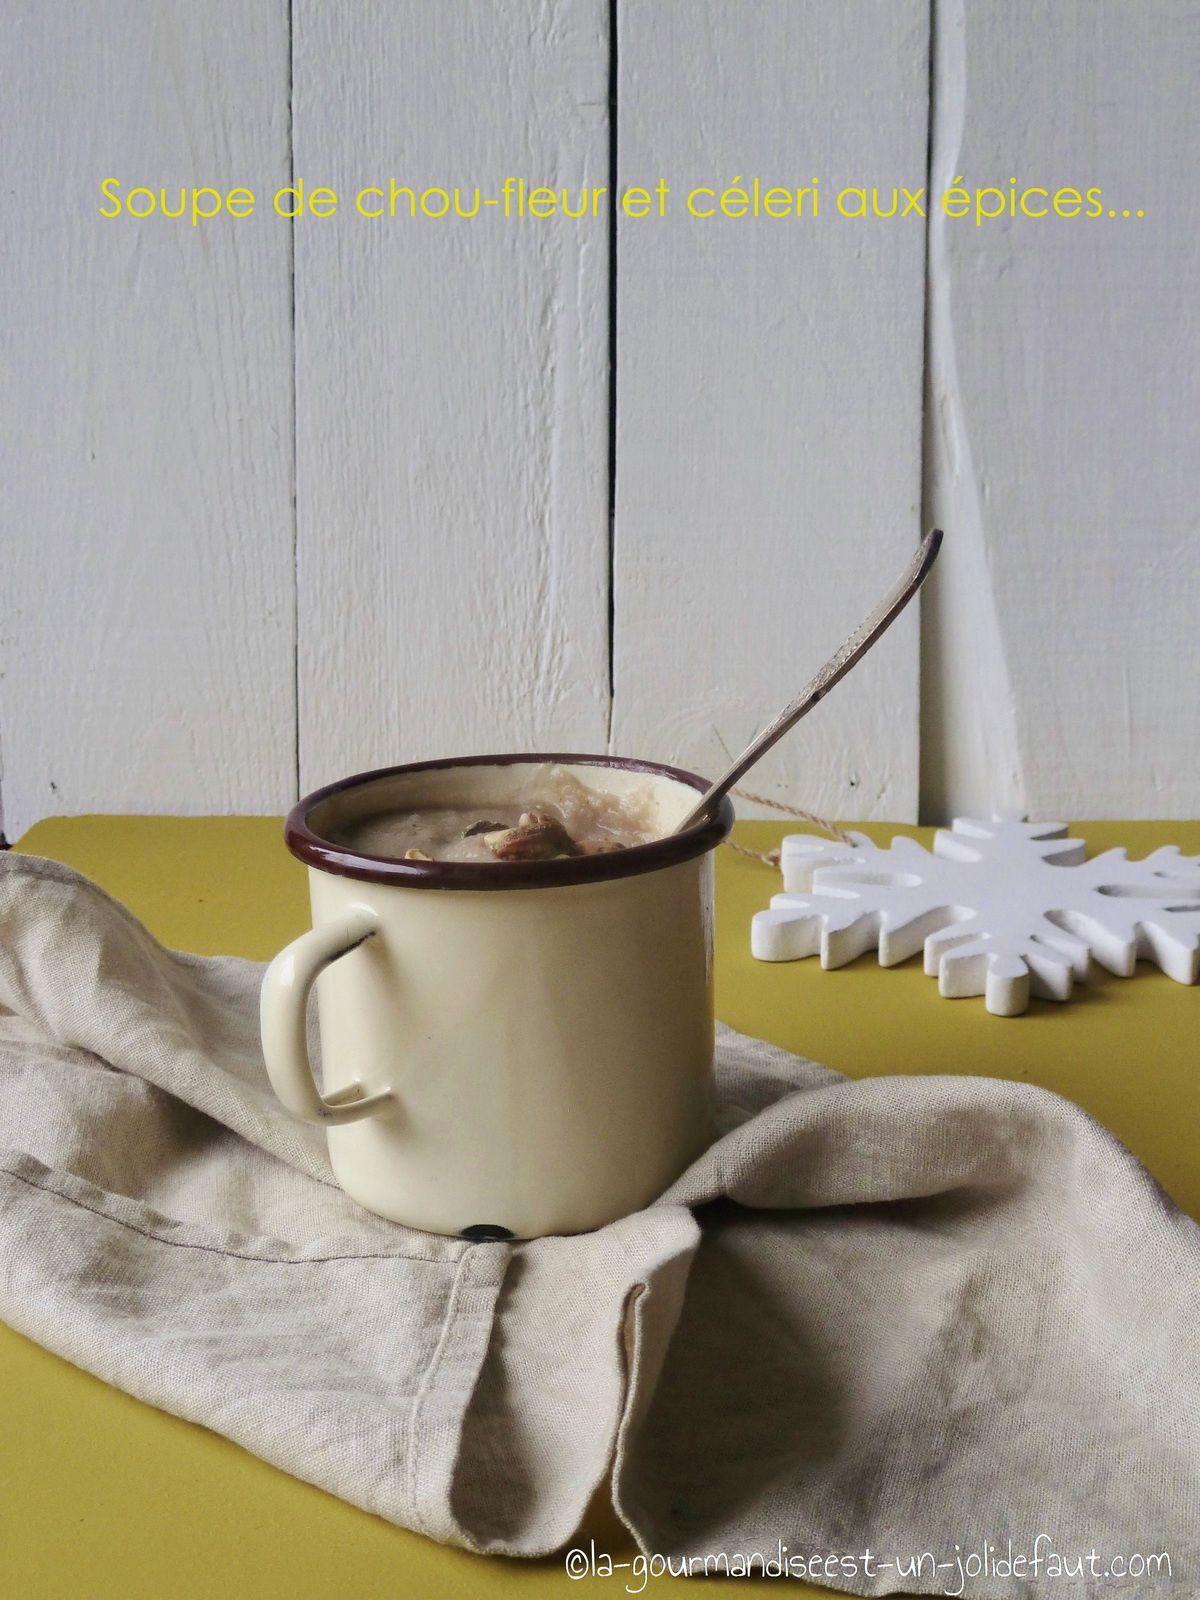 Soupe de chou fleur et céleri aux épices